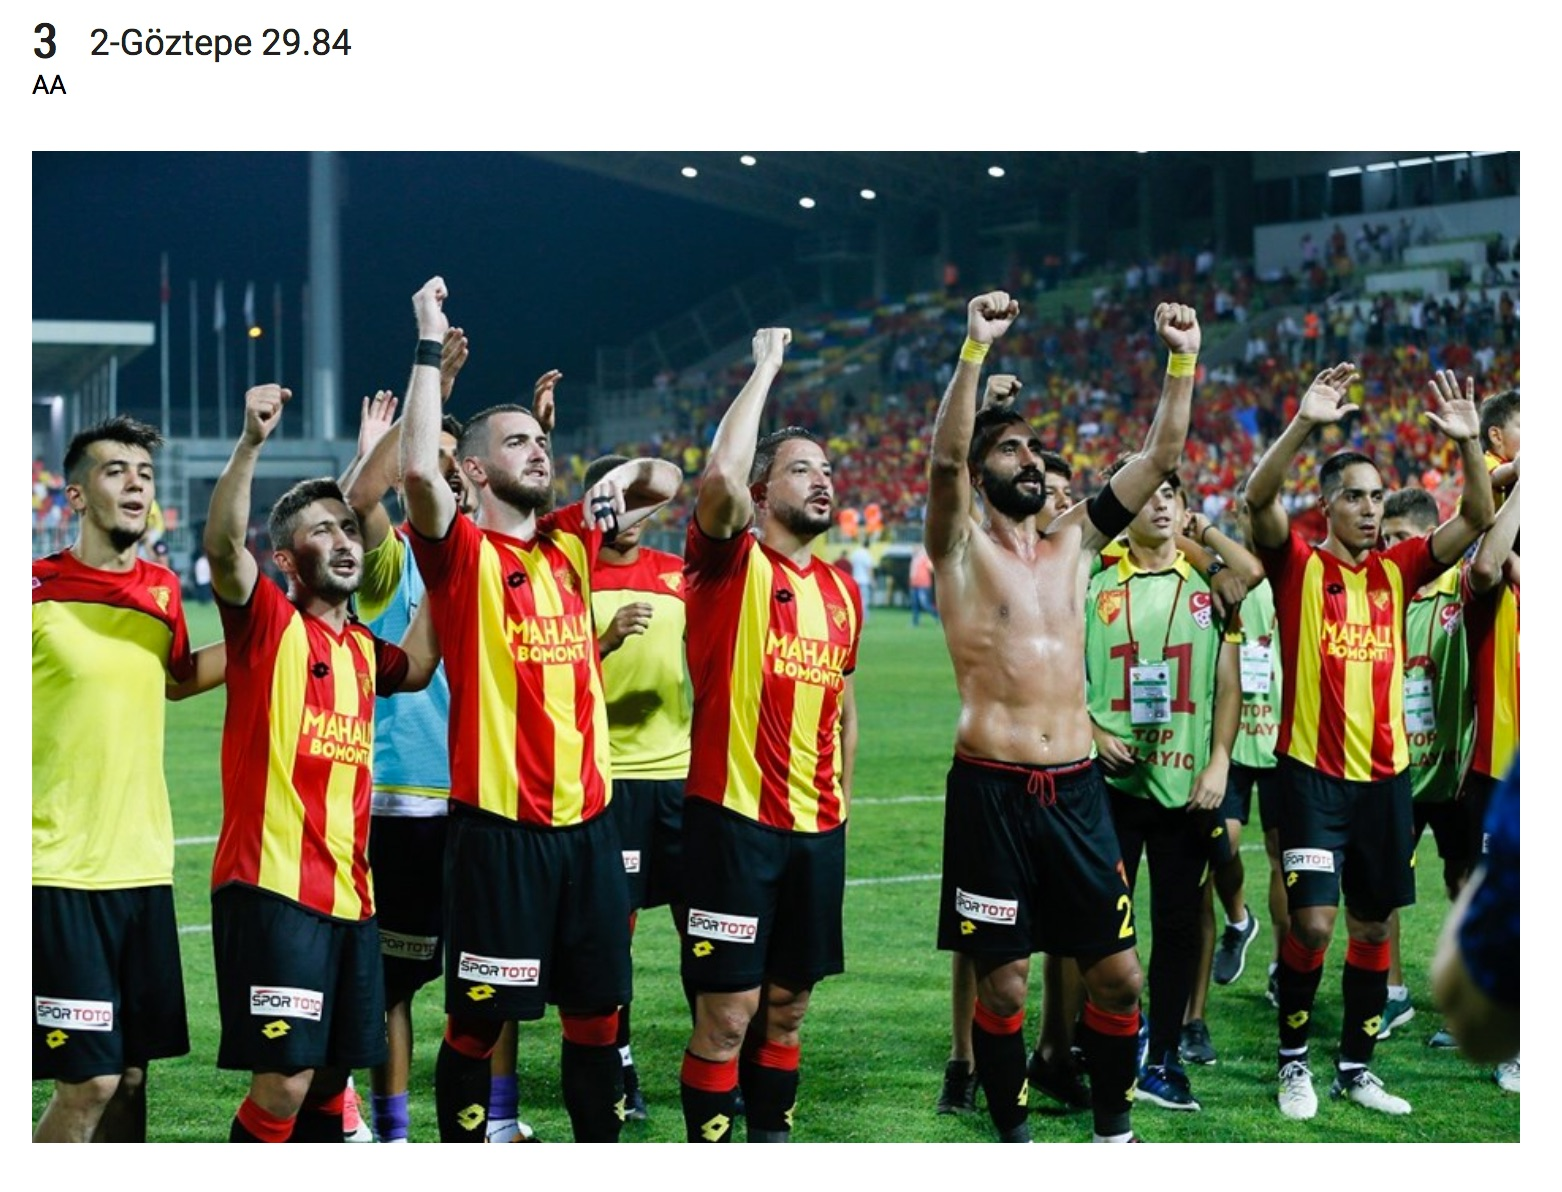 Kural hatası var denen Fenerbahçe-Kasımpaşa maçının hakem raporu ortaya çıktı 94